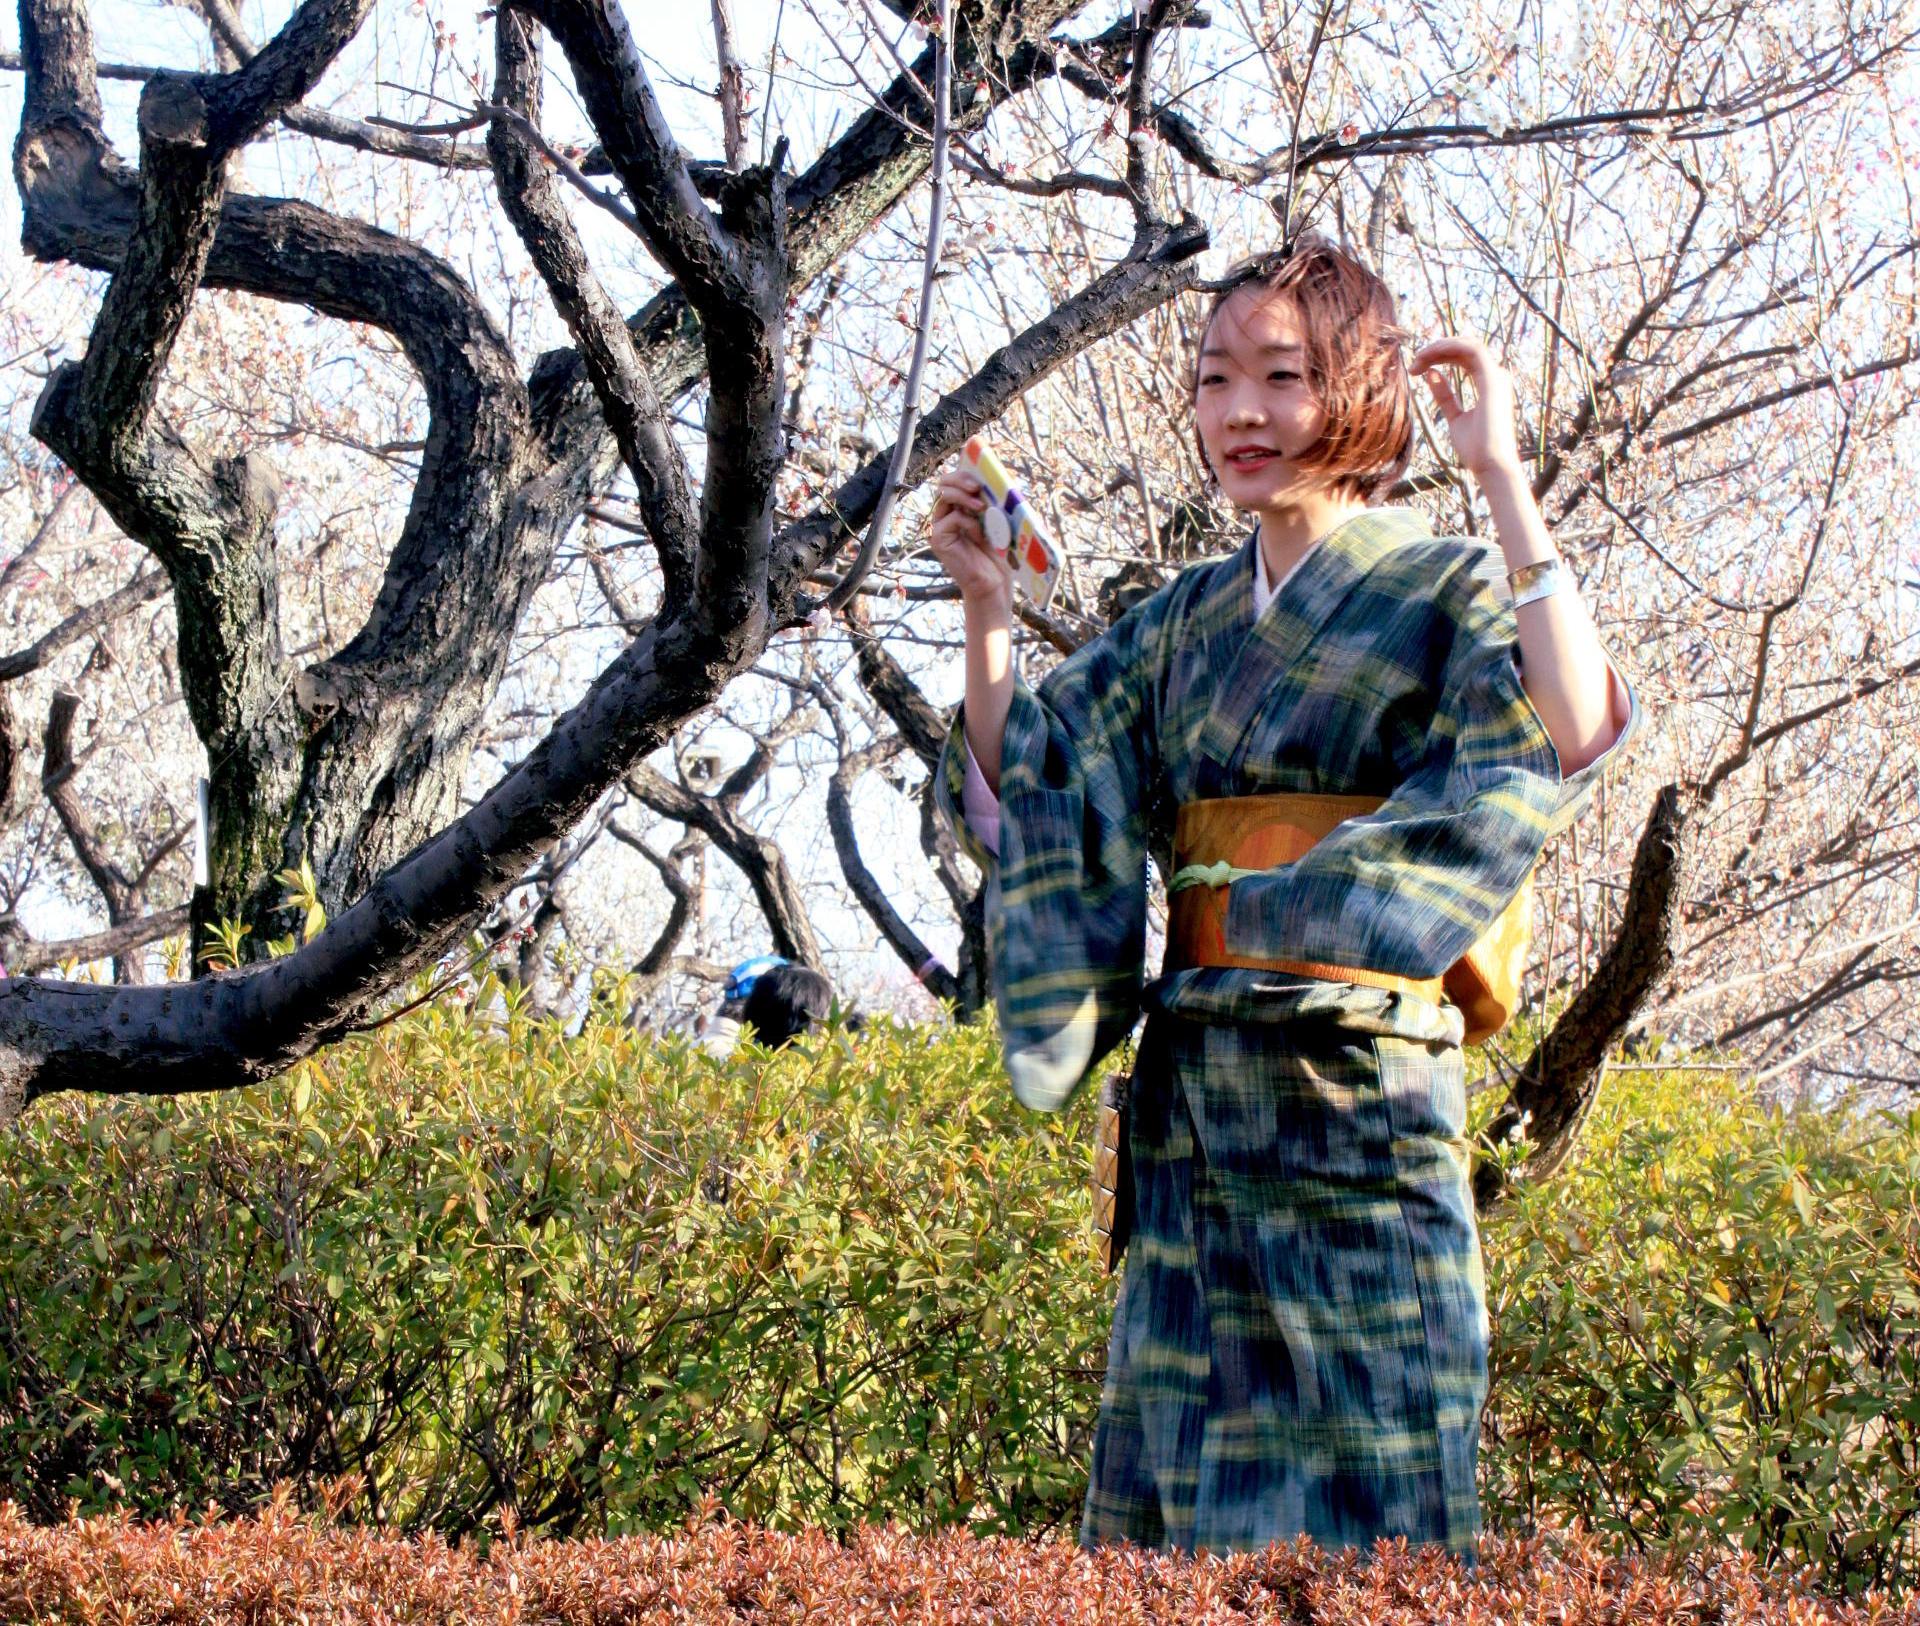 tokio japonia tokyo japan park kwitnacawisnia kwiaty cherryblossom hanami sakura springinjapan wiosnawjaponii iglawpodrozy kimono plumblossom kwitnacasliwka